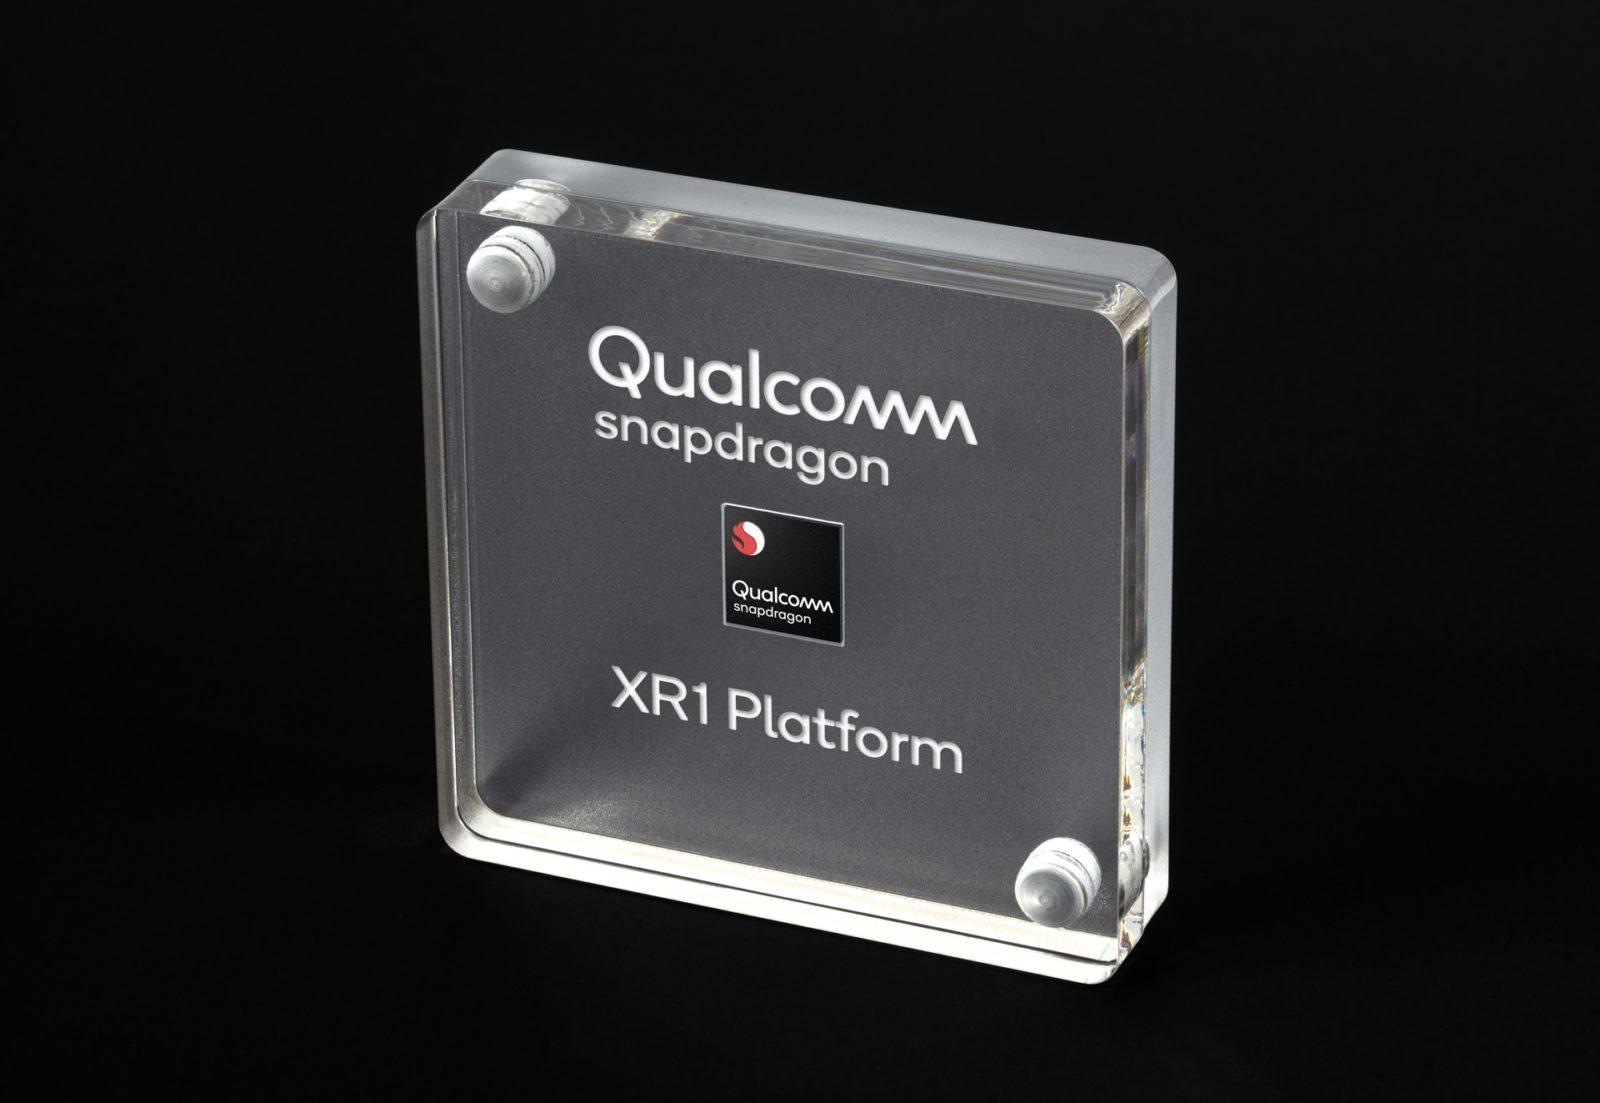 Qualcomm Snapdragon XR1: čip pro rozšířenou a virtuální realitu oficiálně